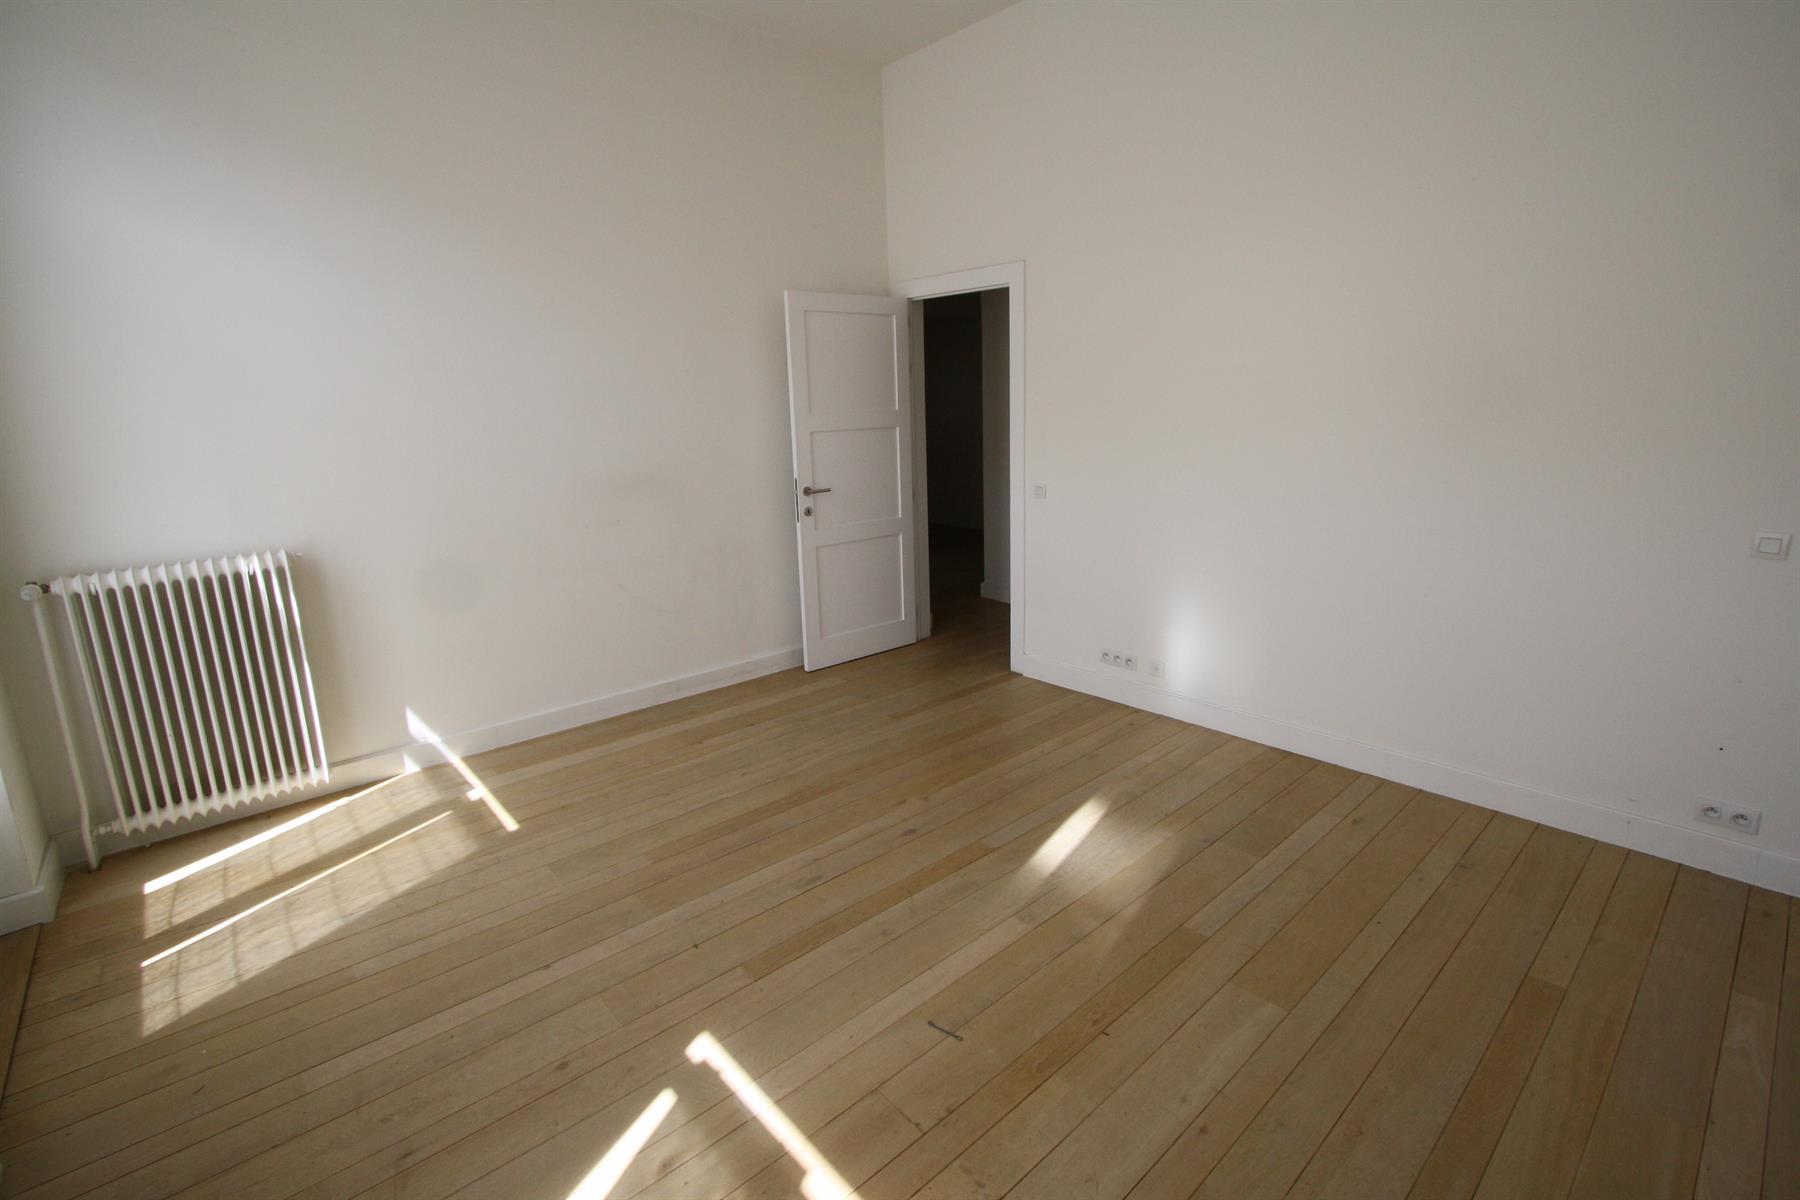 Appartement - Ixelles - #4419713-8